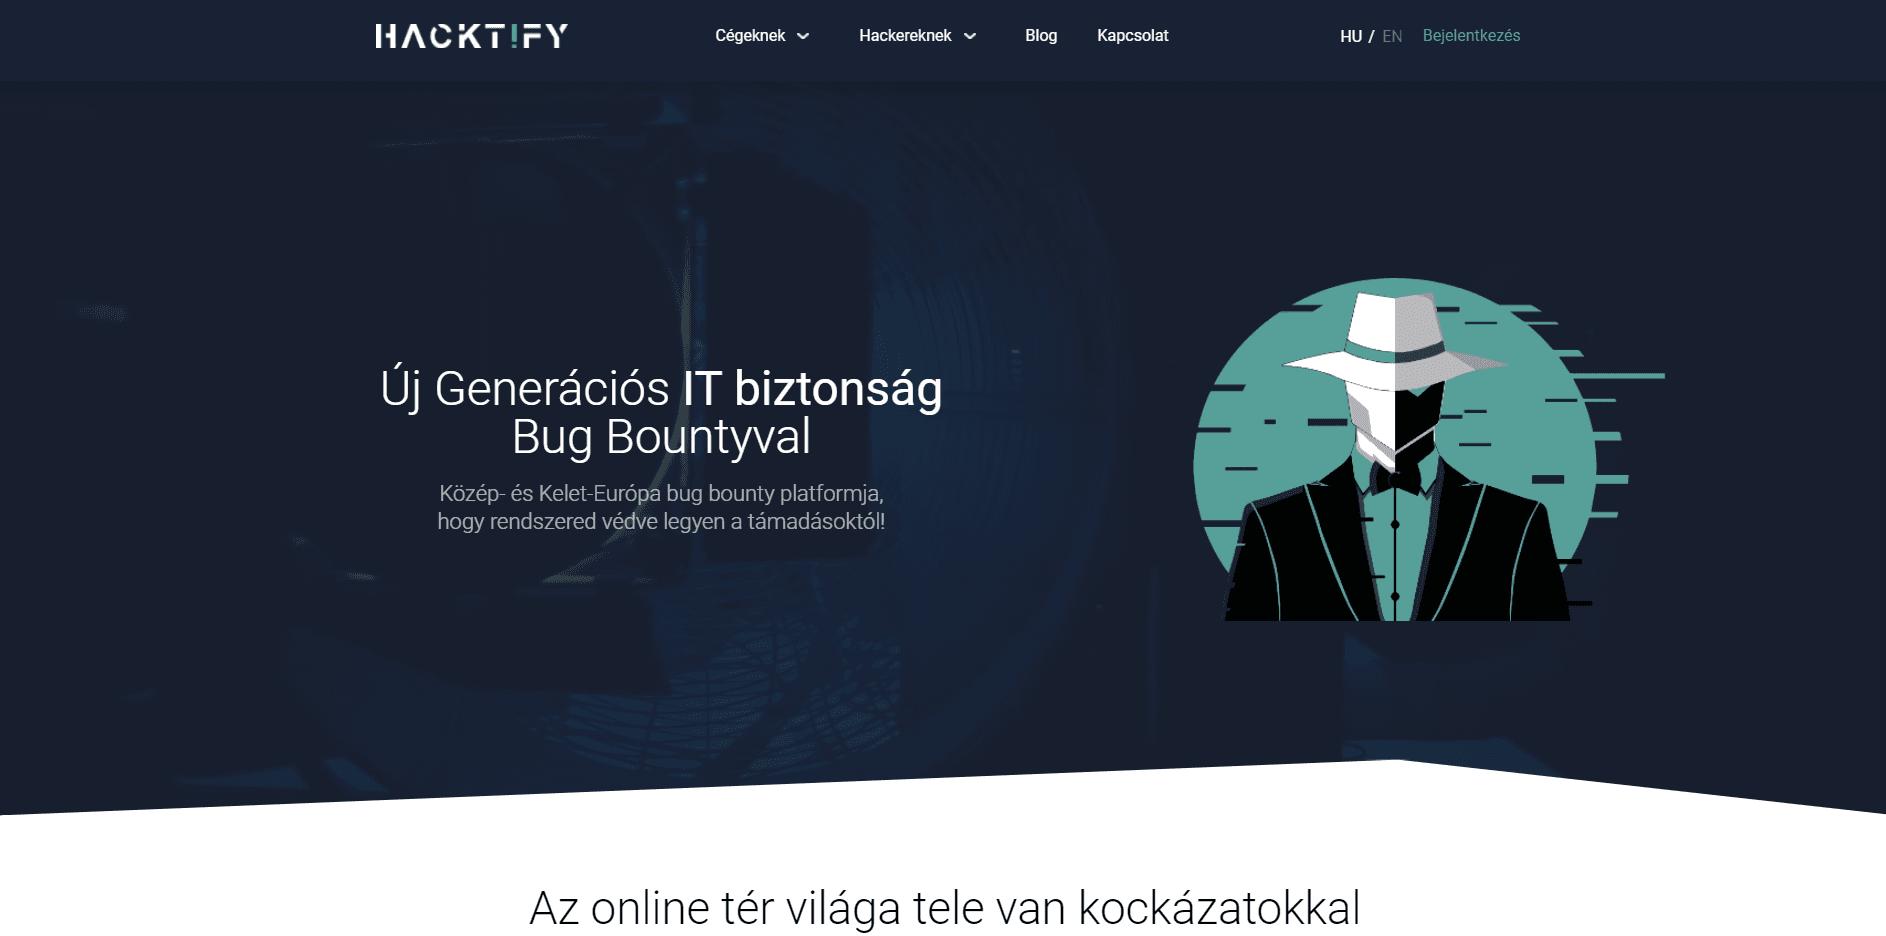 hacktify_ss